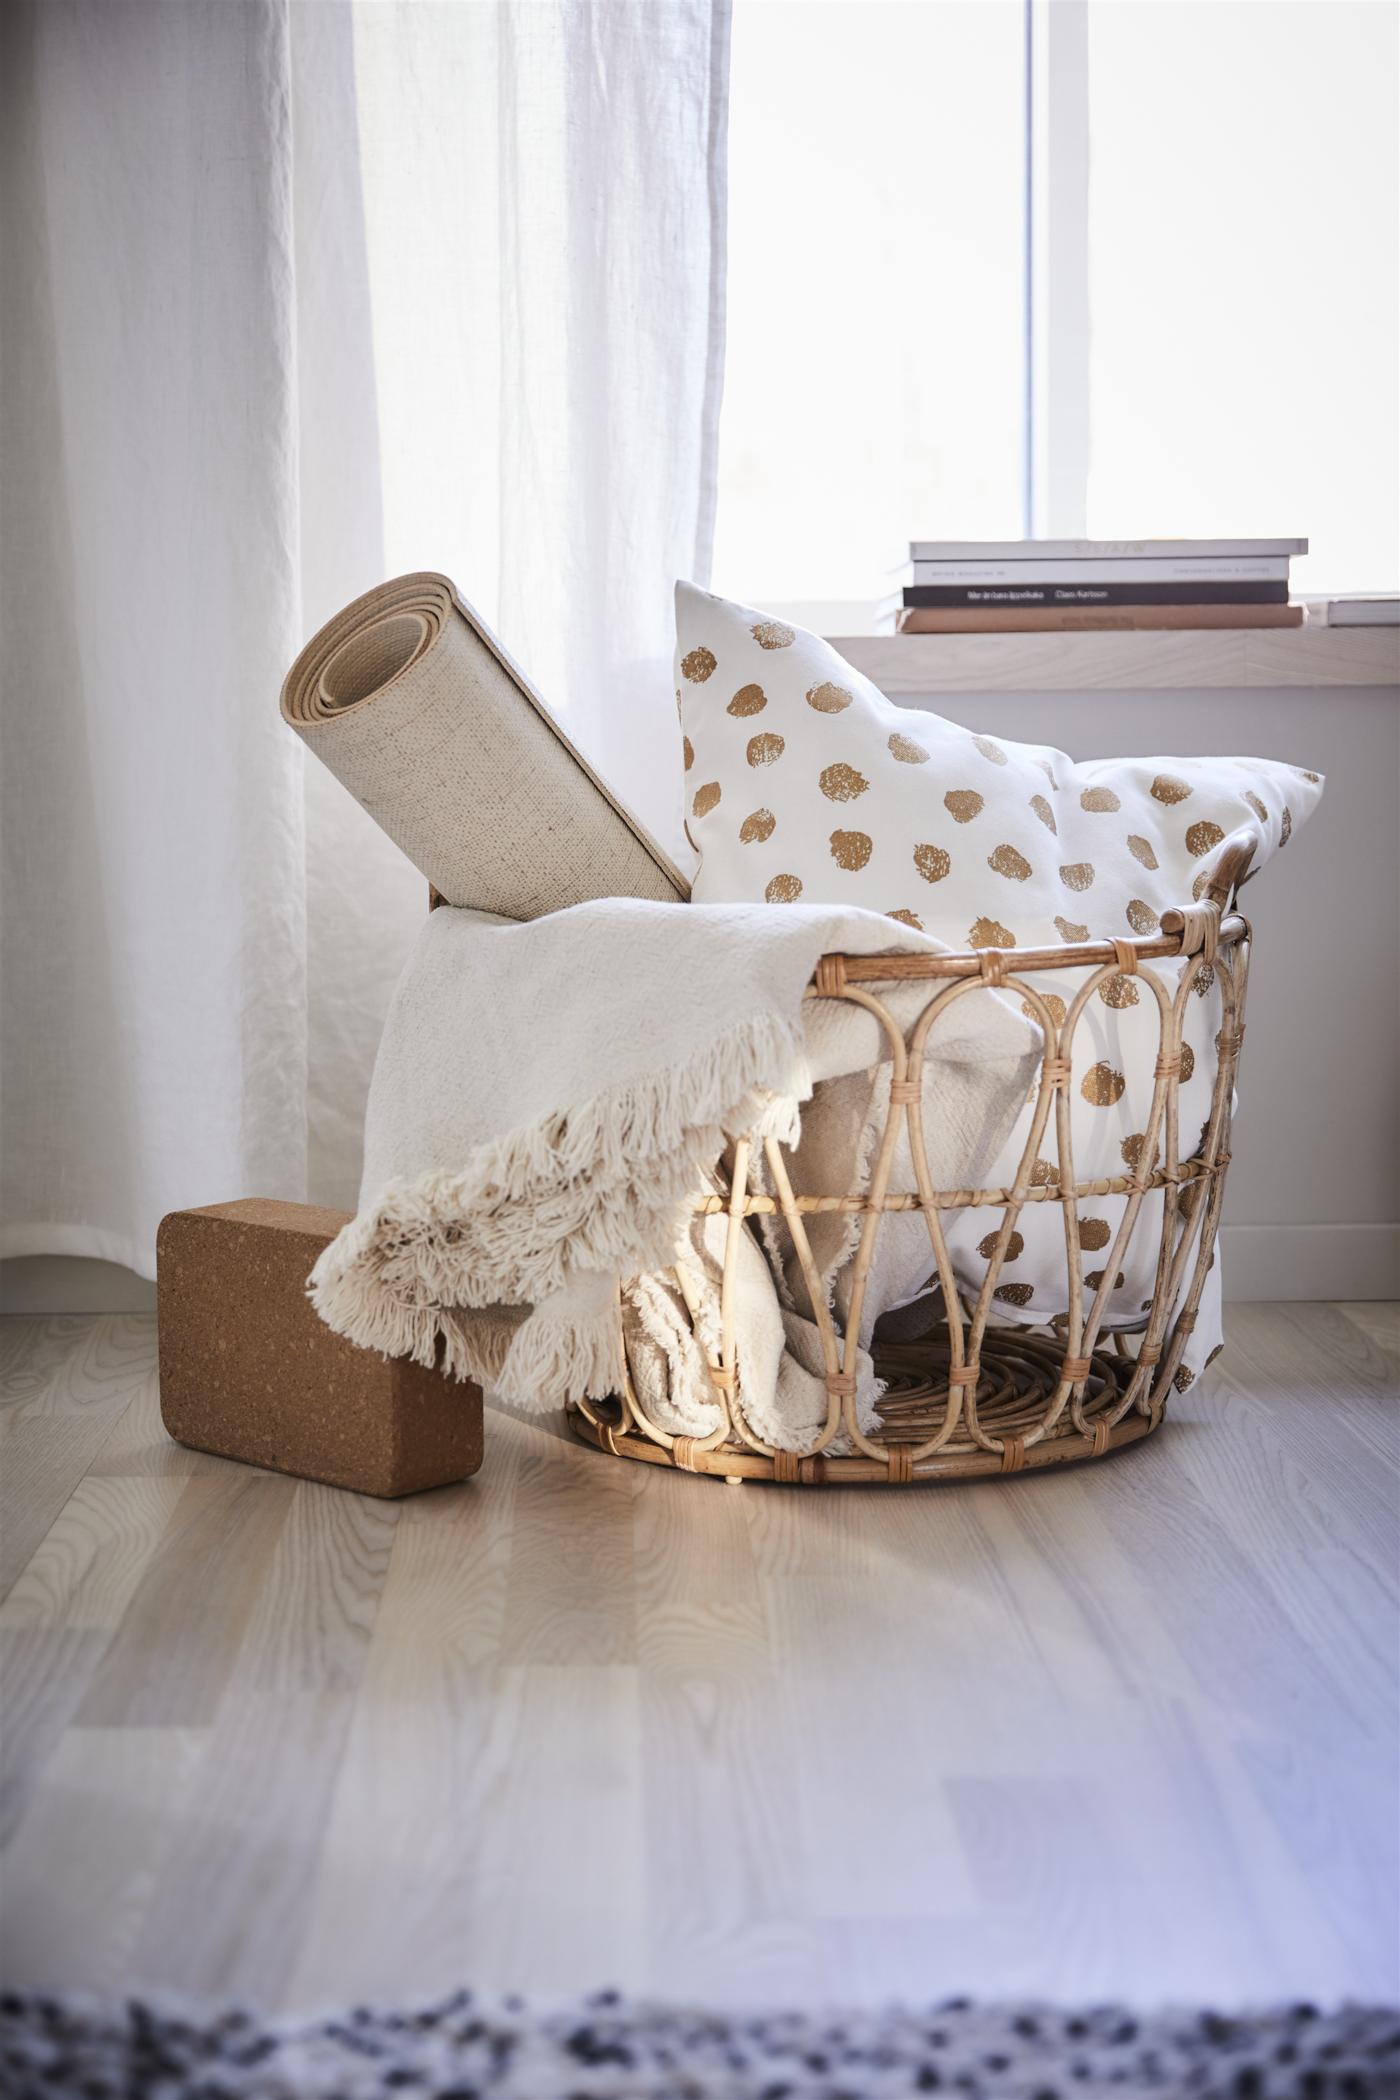 Im SNIDAD Rattankorb lassen sich Decken, Pölster und mehr in Szene setzen